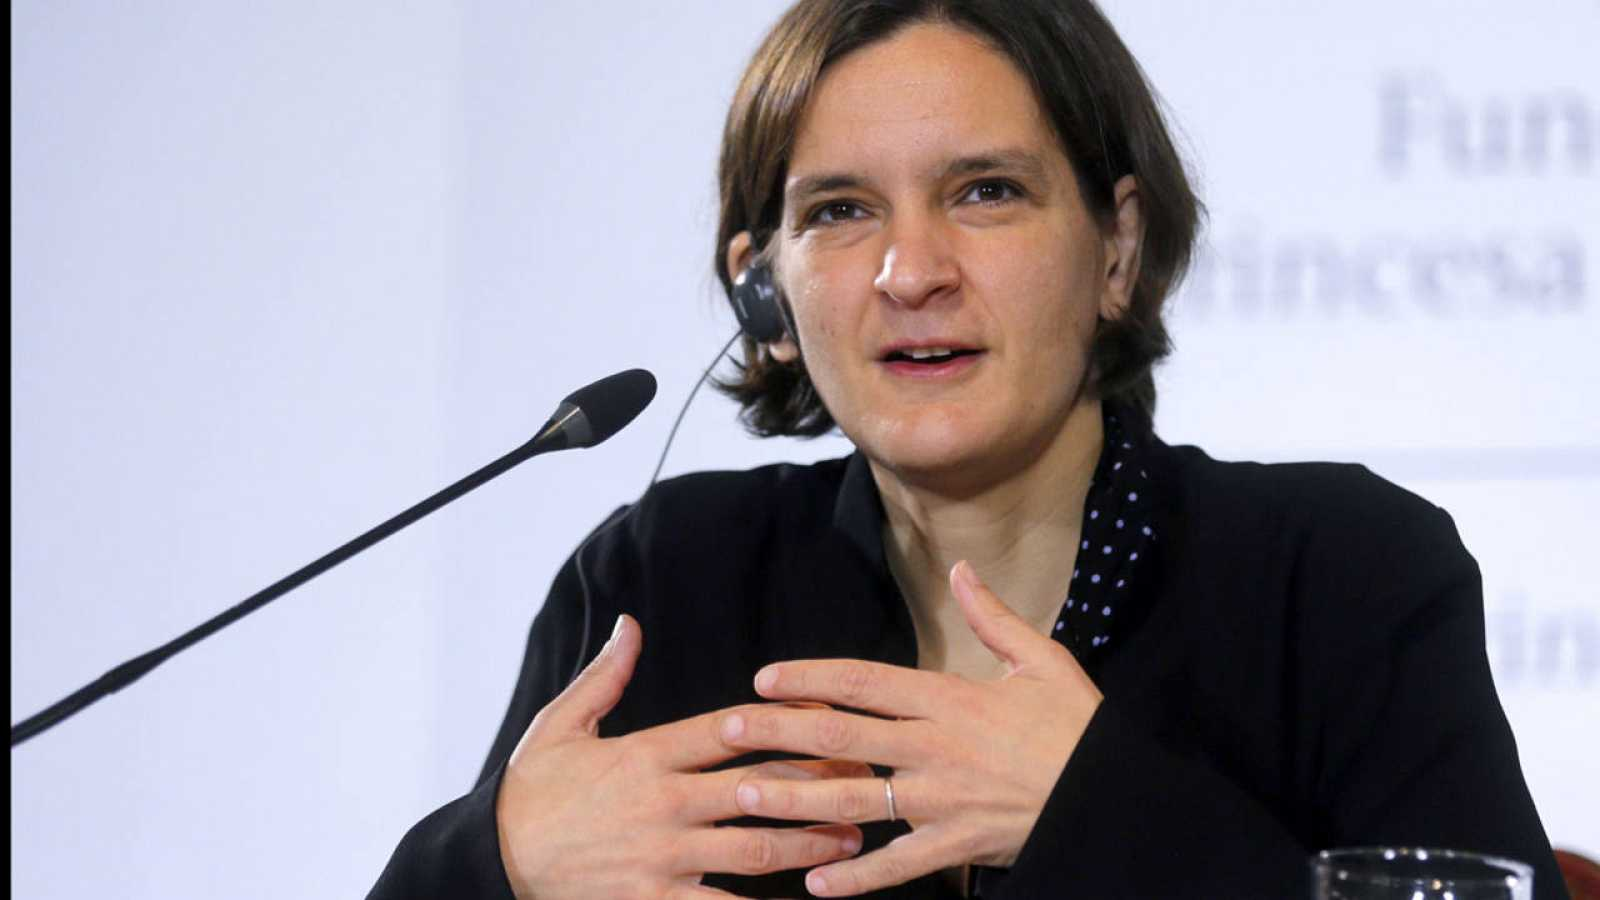 La economista Esther Duflo, premio Princesa de Asturias, en Oviedo